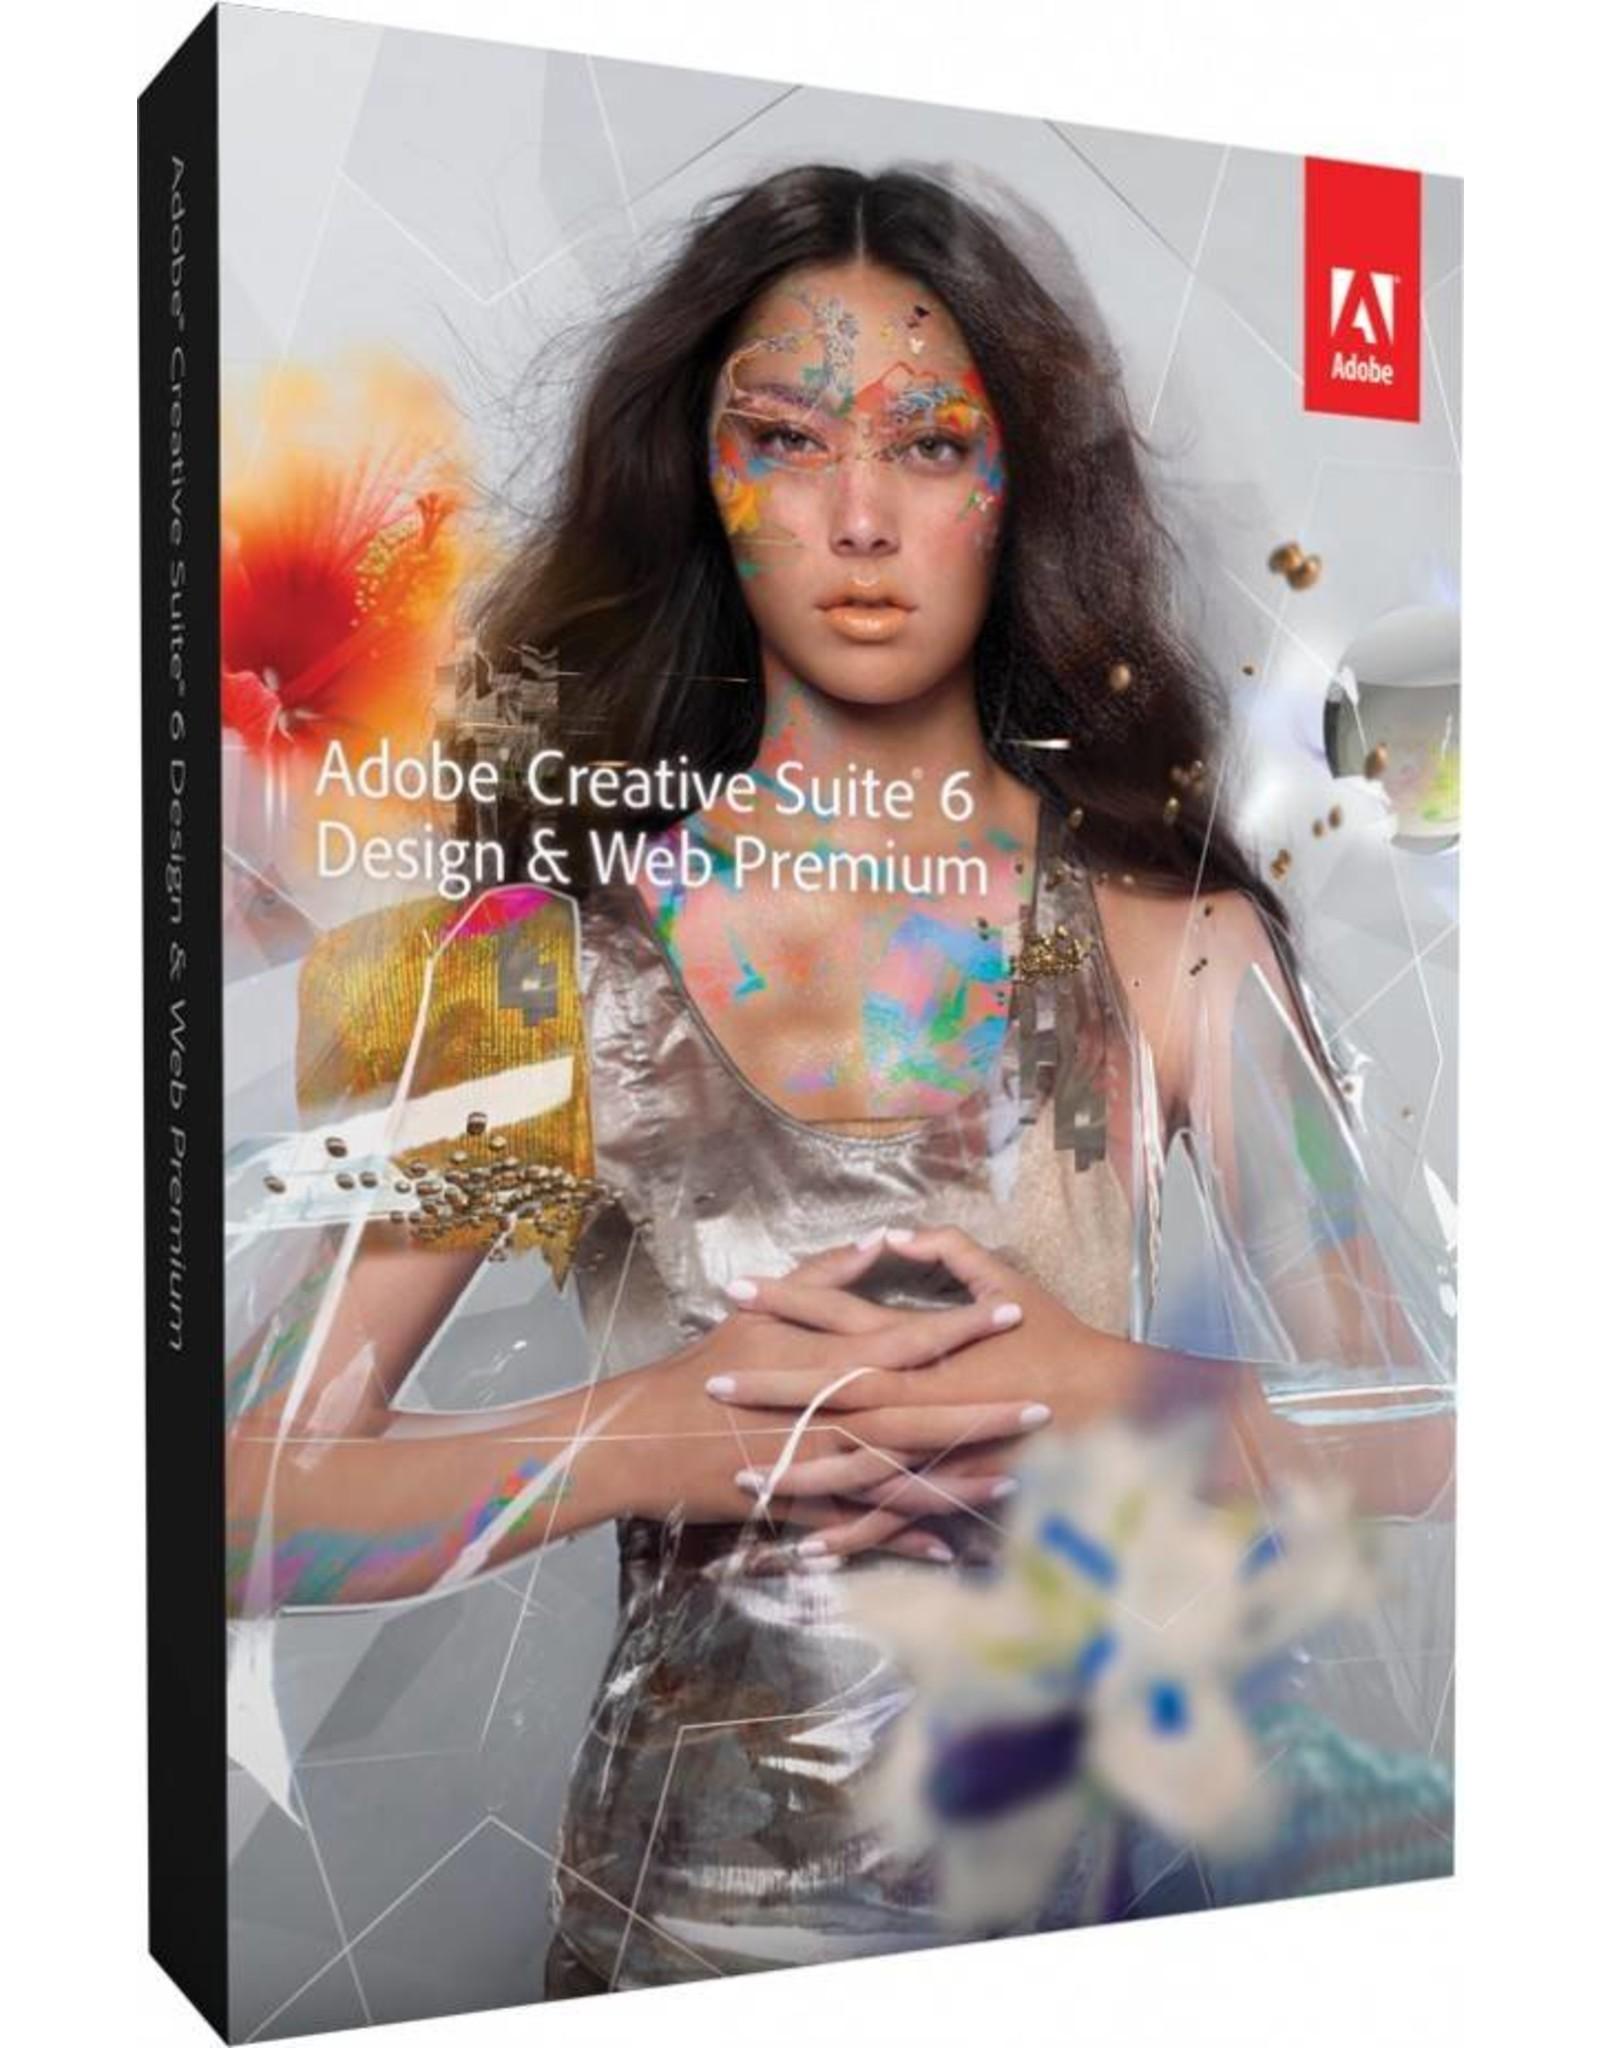 Adobe Adobe Creative Suite 6 Design & Web Premium For Windows